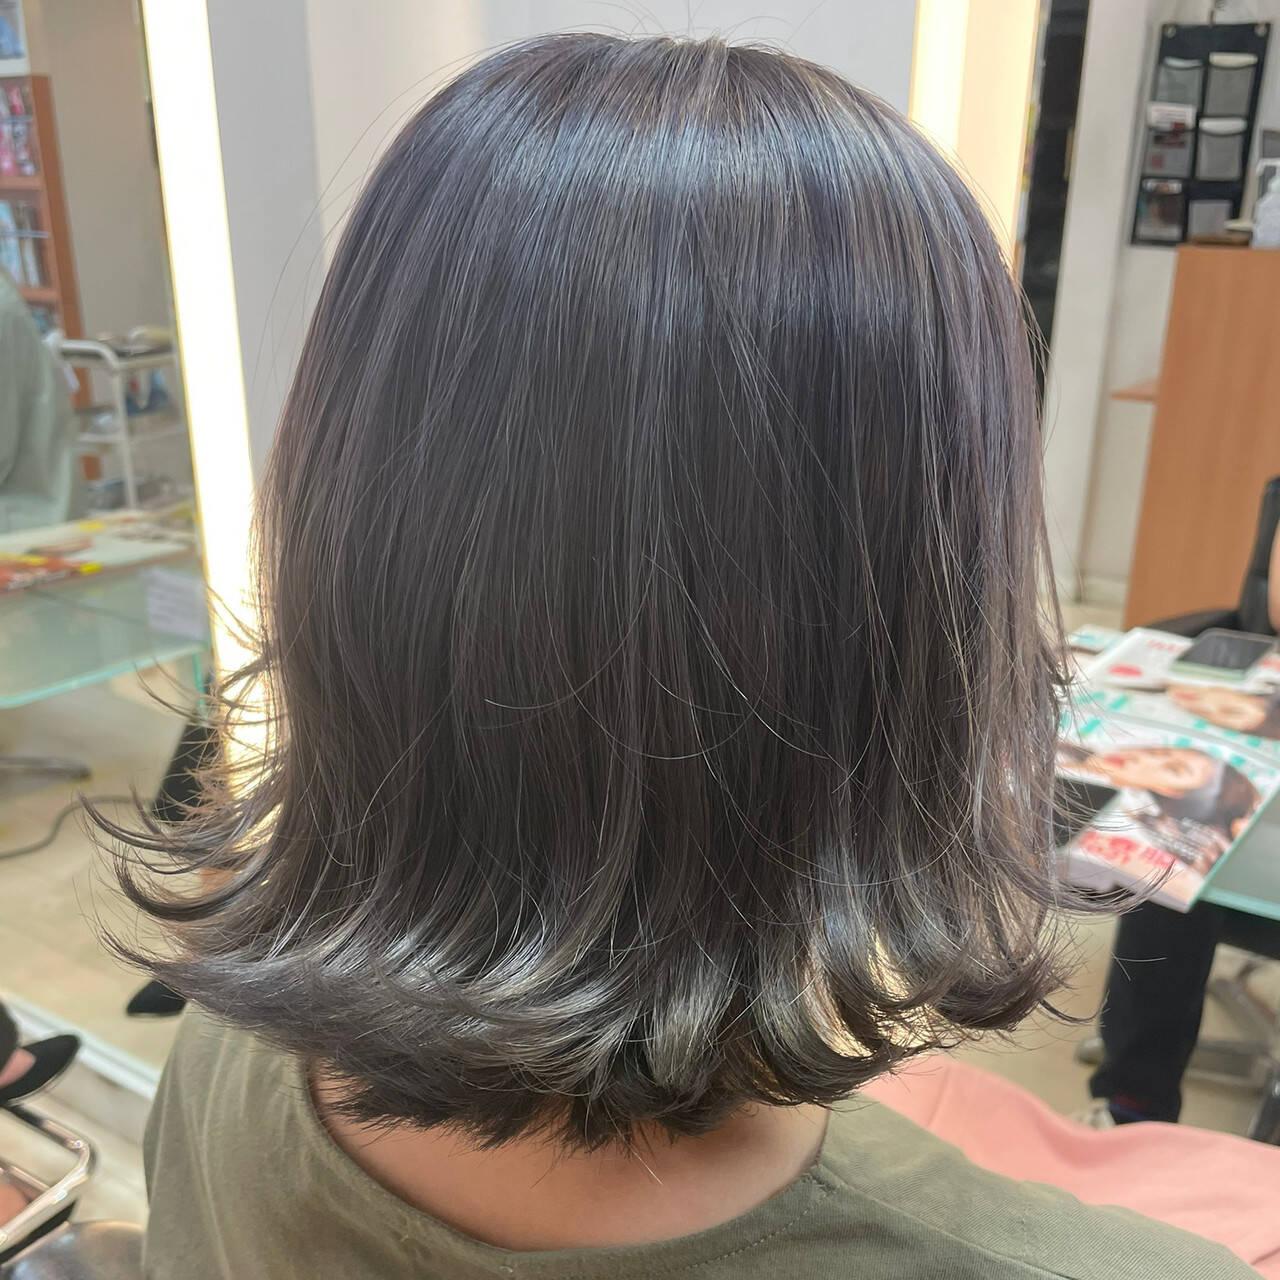 切りっぱなしボブ ミディアム 透明感カラー ダブルカラーヘアスタイルや髪型の写真・画像